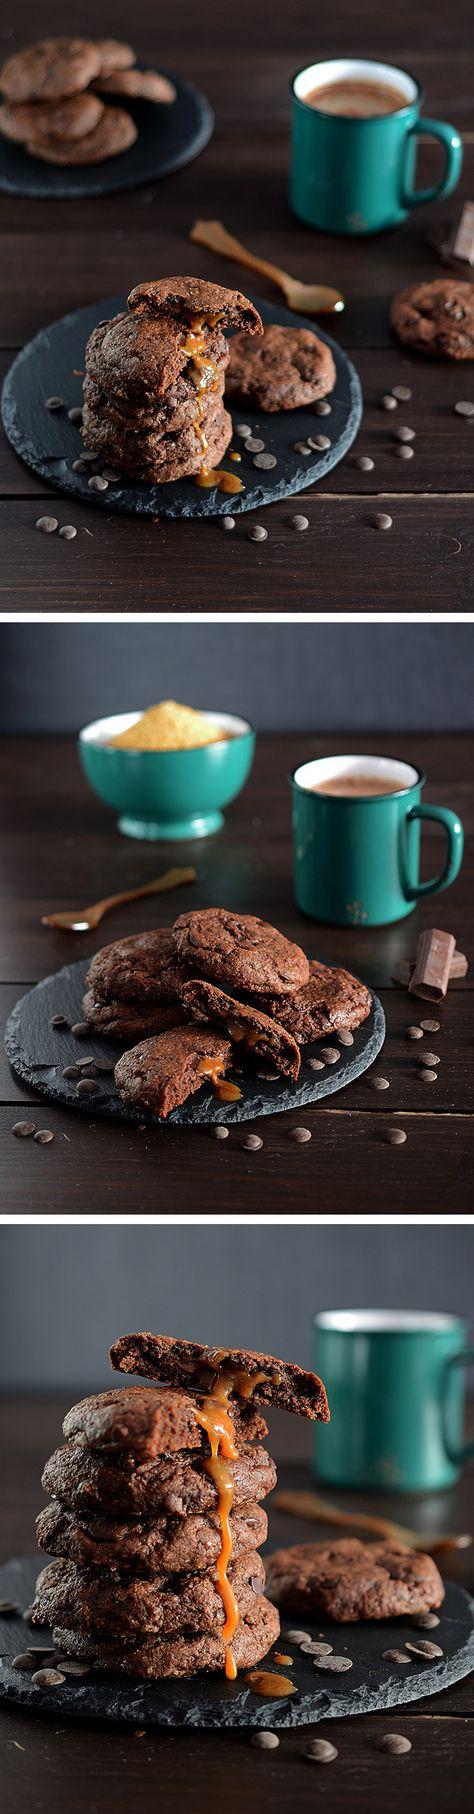 Galletas de chocolate rellenas de caramelo y nutella / de ¡Que cosa tan dulce!